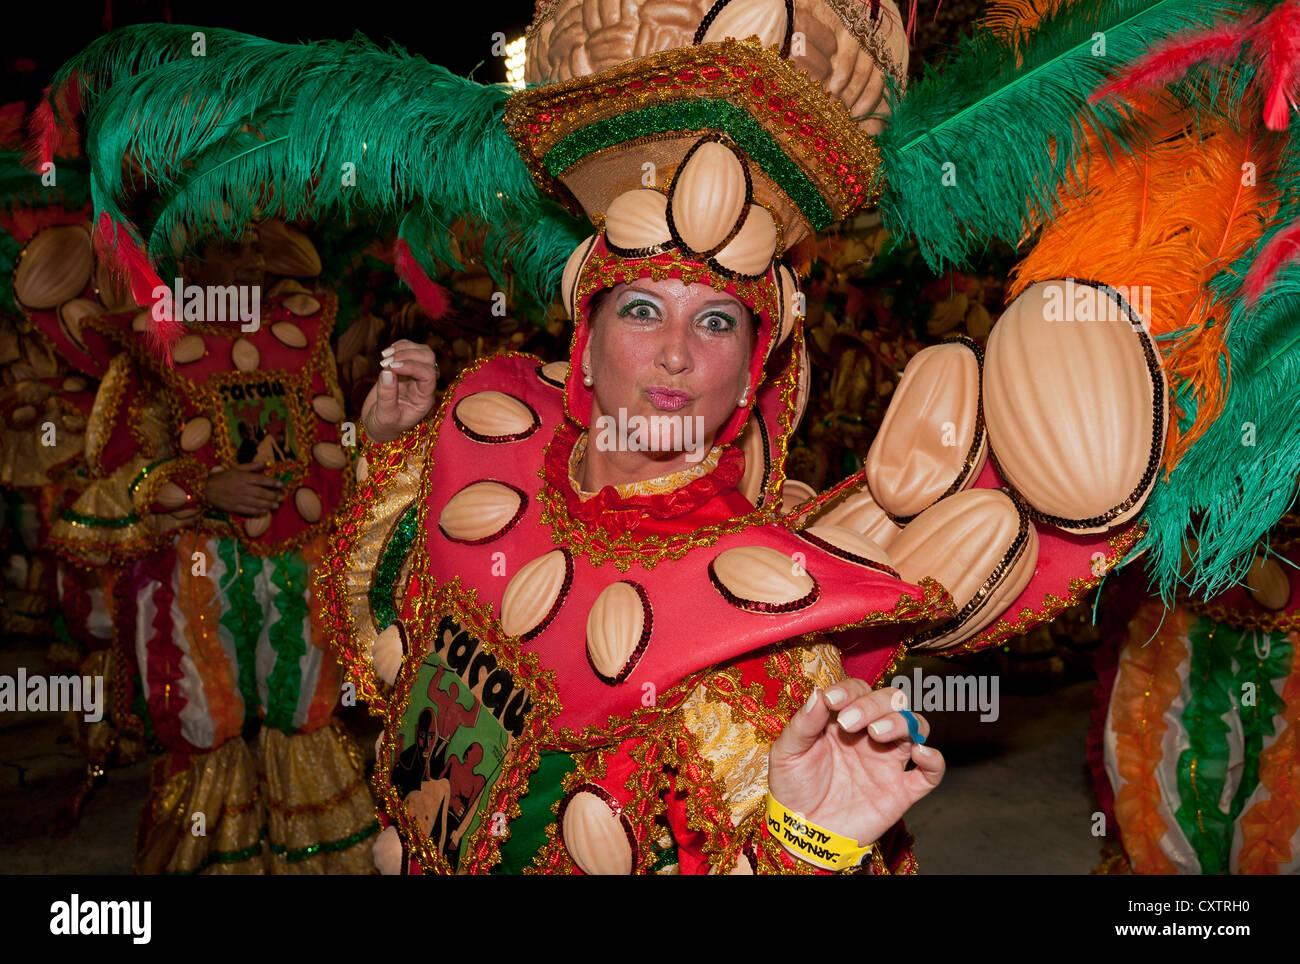 Reveller Carnival Rio de Janeiro Brazil - Stock Image